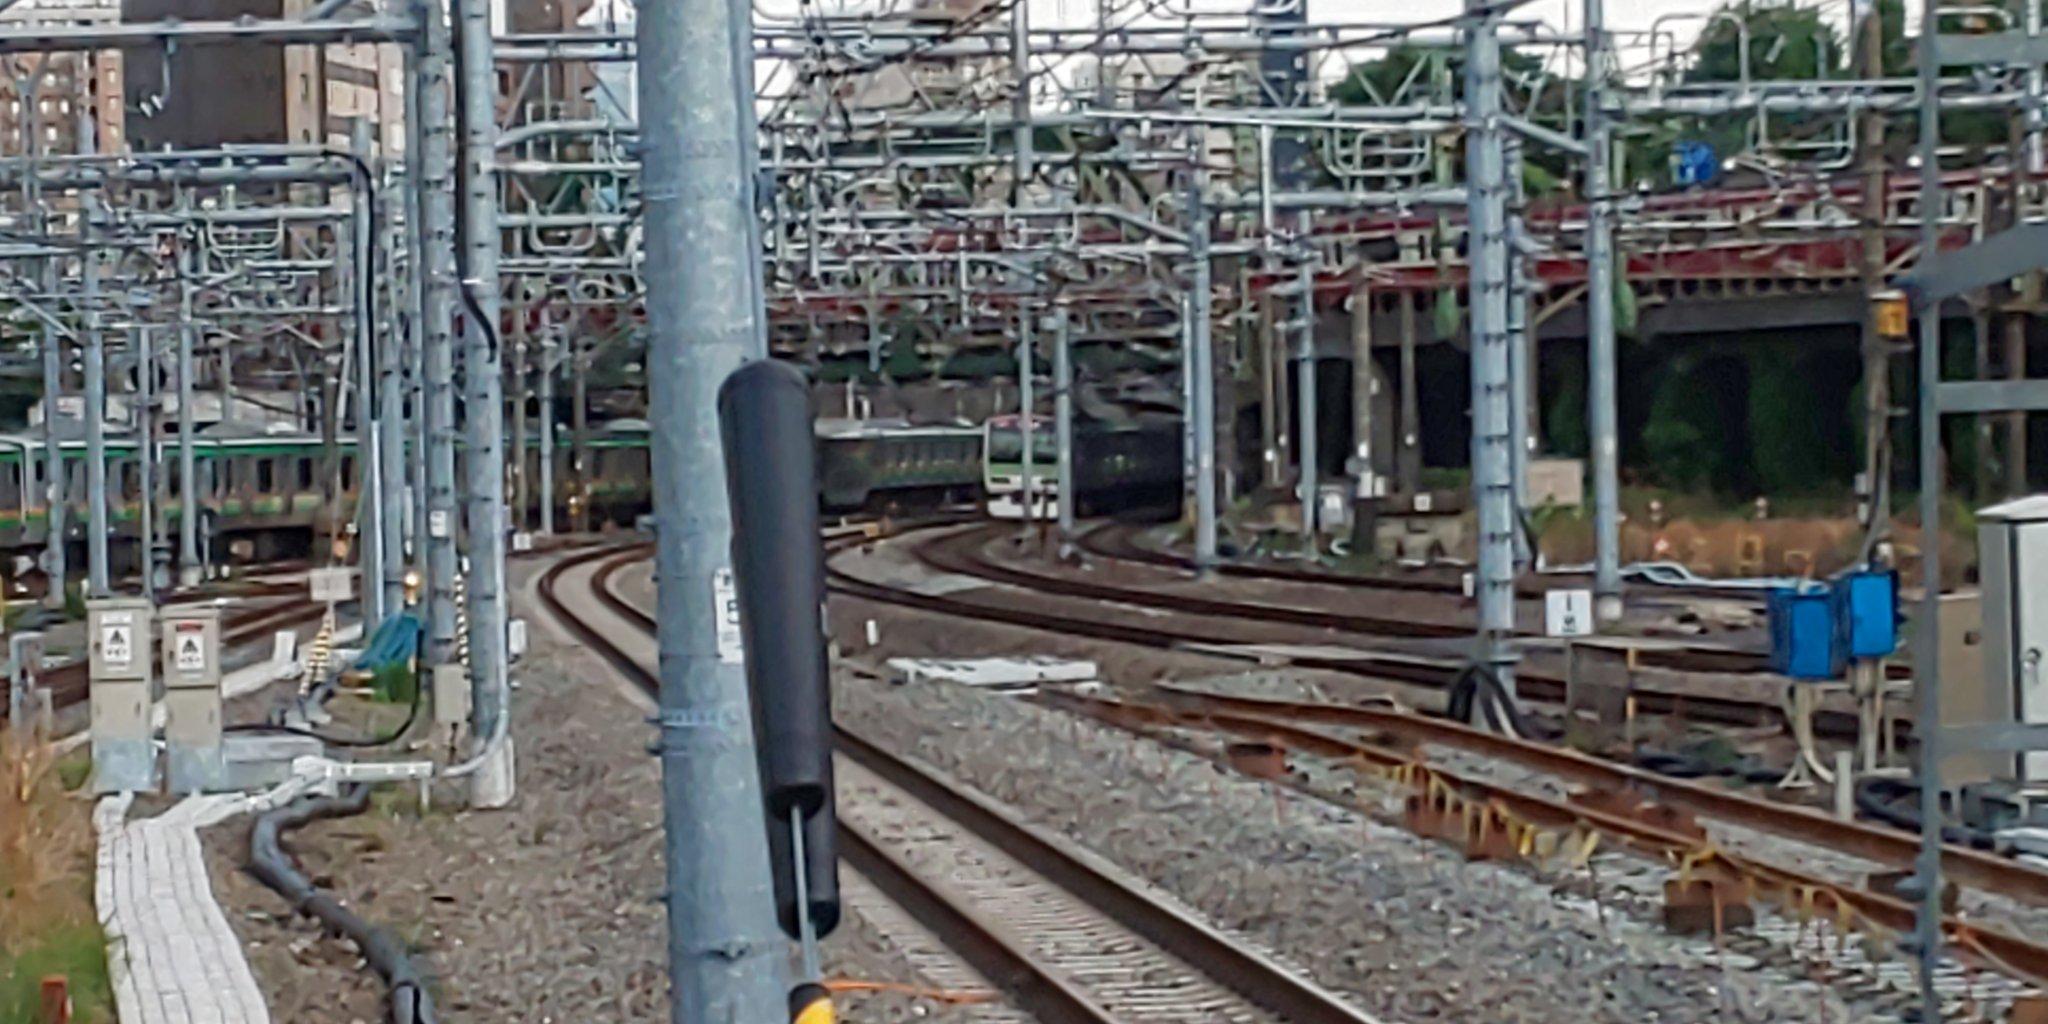 画像,#人身事故たった今だが駅を発車した‼️東海道にて‼️品川川崎間で人身事故がありほぼ運転を見合わせてるとことです。。。 https://t.co/n1MYw0yr…